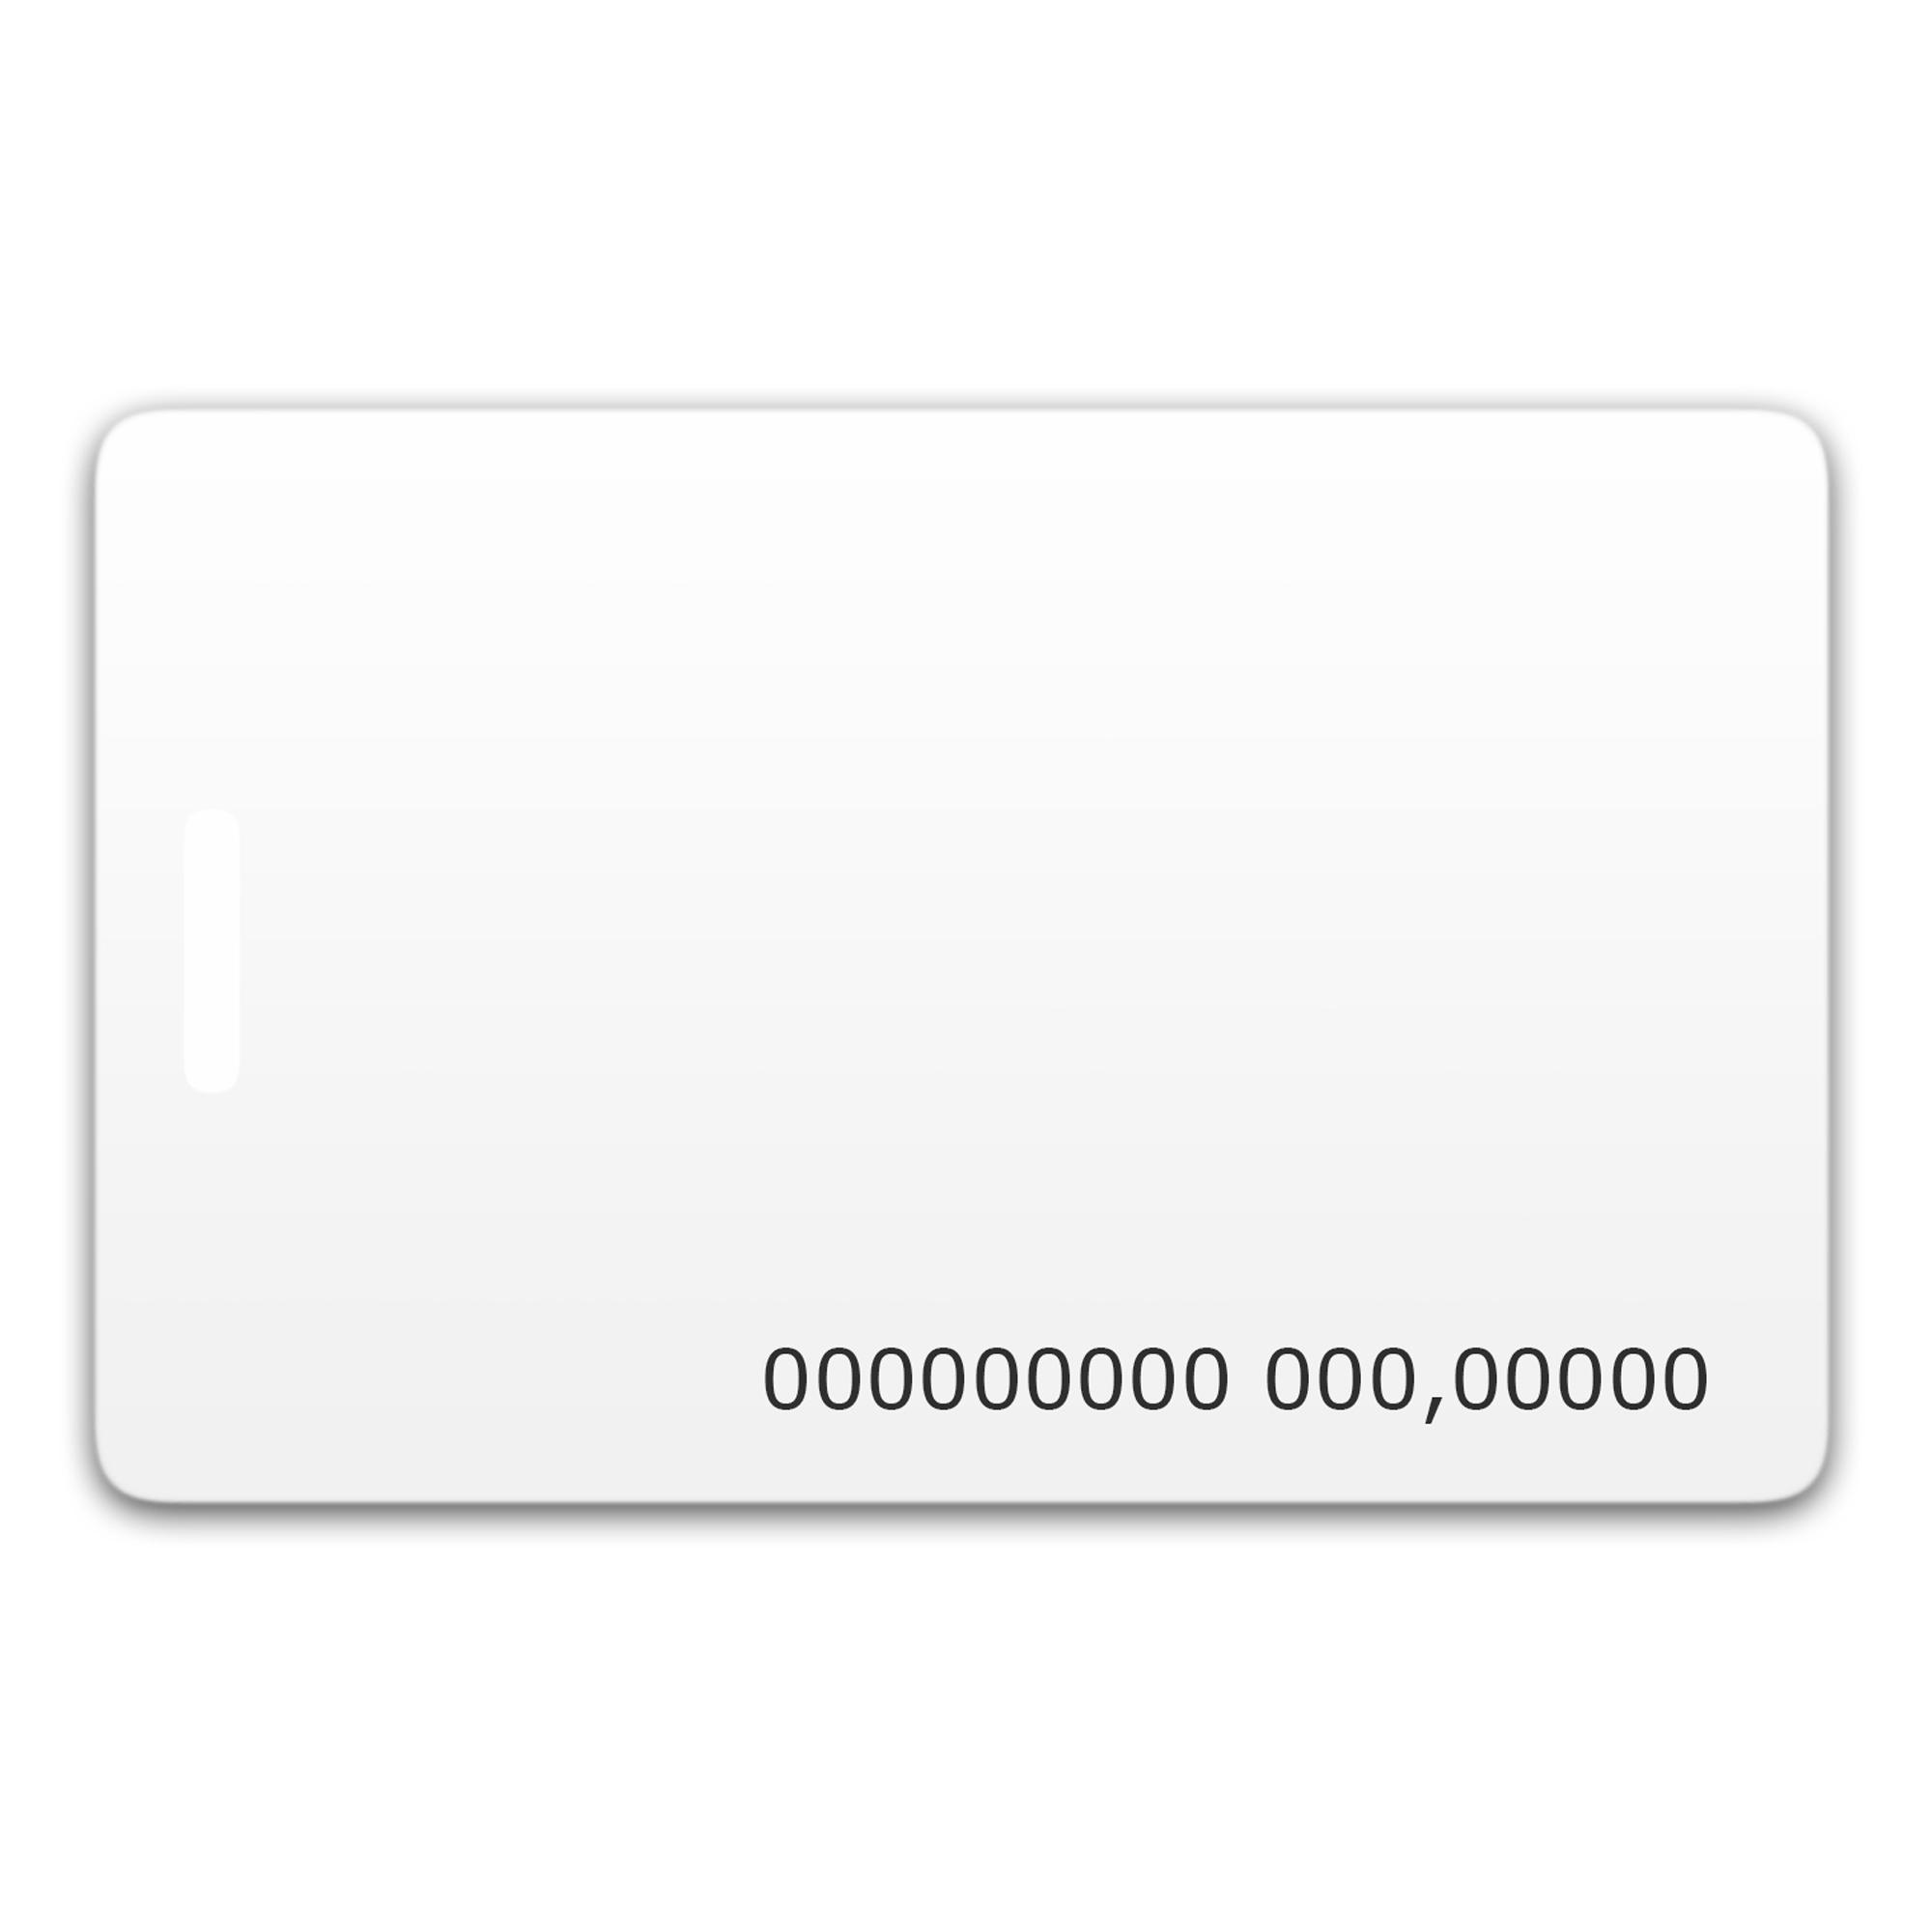 Chip-UA | Бесконтактная пластиковая RFID-карта с номером с чипом Em-Marine